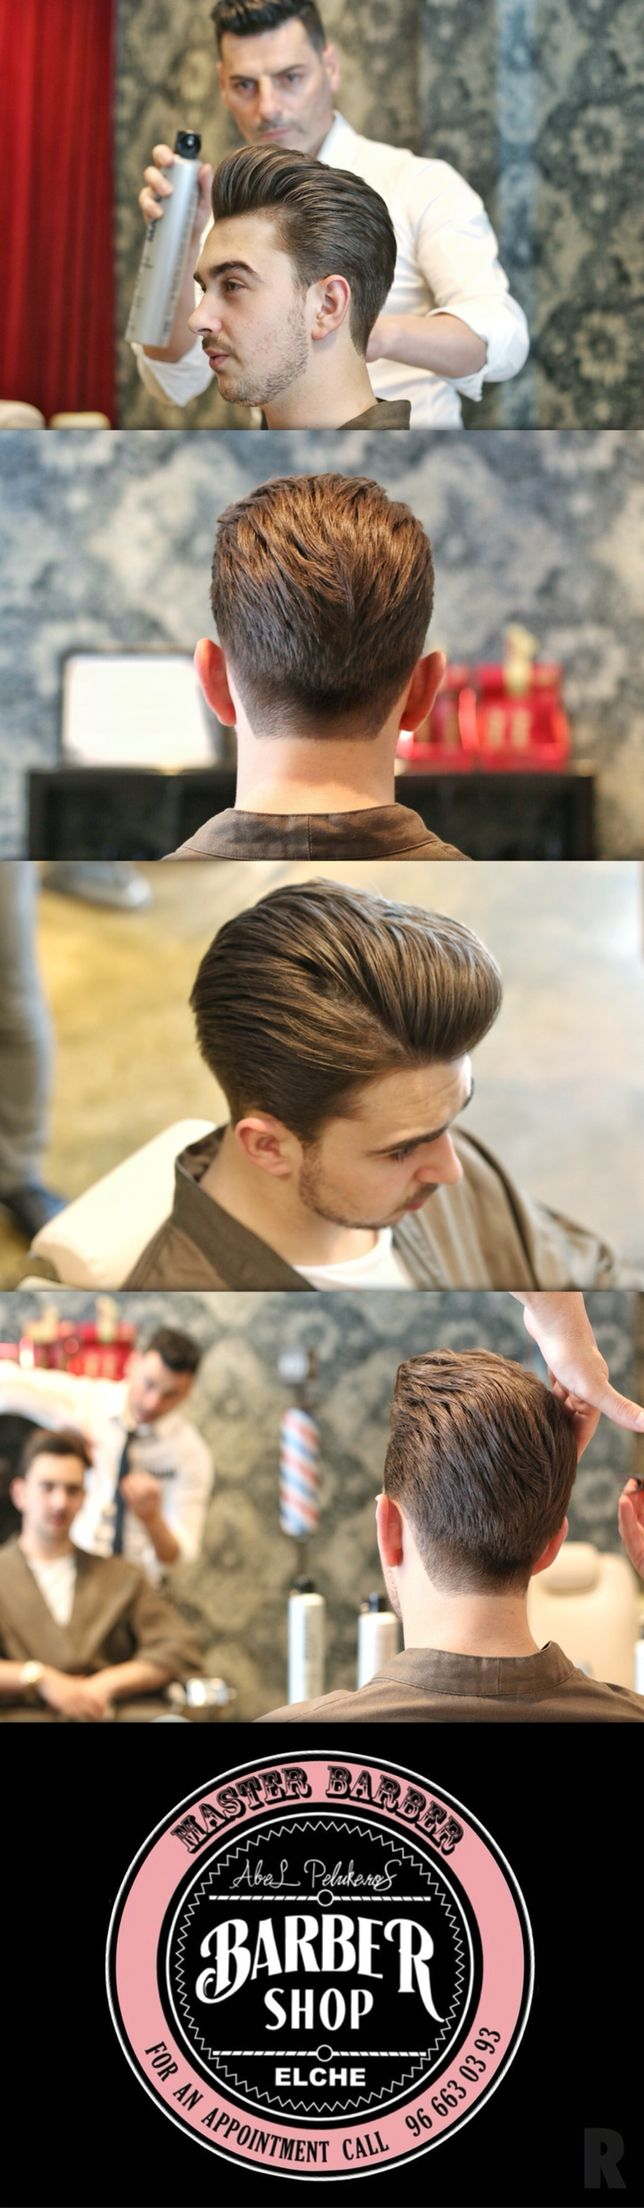 Trabajo realizado por el equipo Abel Pelukeros Elche Peluquería caballeros en Elche Alicante @Abelpelukeros ELCHE® corte de niños #Peluqueria #Hombre #Niños #Kid #Estilo #Style #Barber #Barbershop #Men #Barberia #Afeitado #Shave #AmericanCrew #Haircut #Abelpelukeros #Caballero #Masculino #Barbas #Cabello #Hair #Pelo #Beard #Tendencias #Friseure #Coiffure #Friseur #Homme #Man #Parrucchieri #Hairdressing  #Elche #Spain